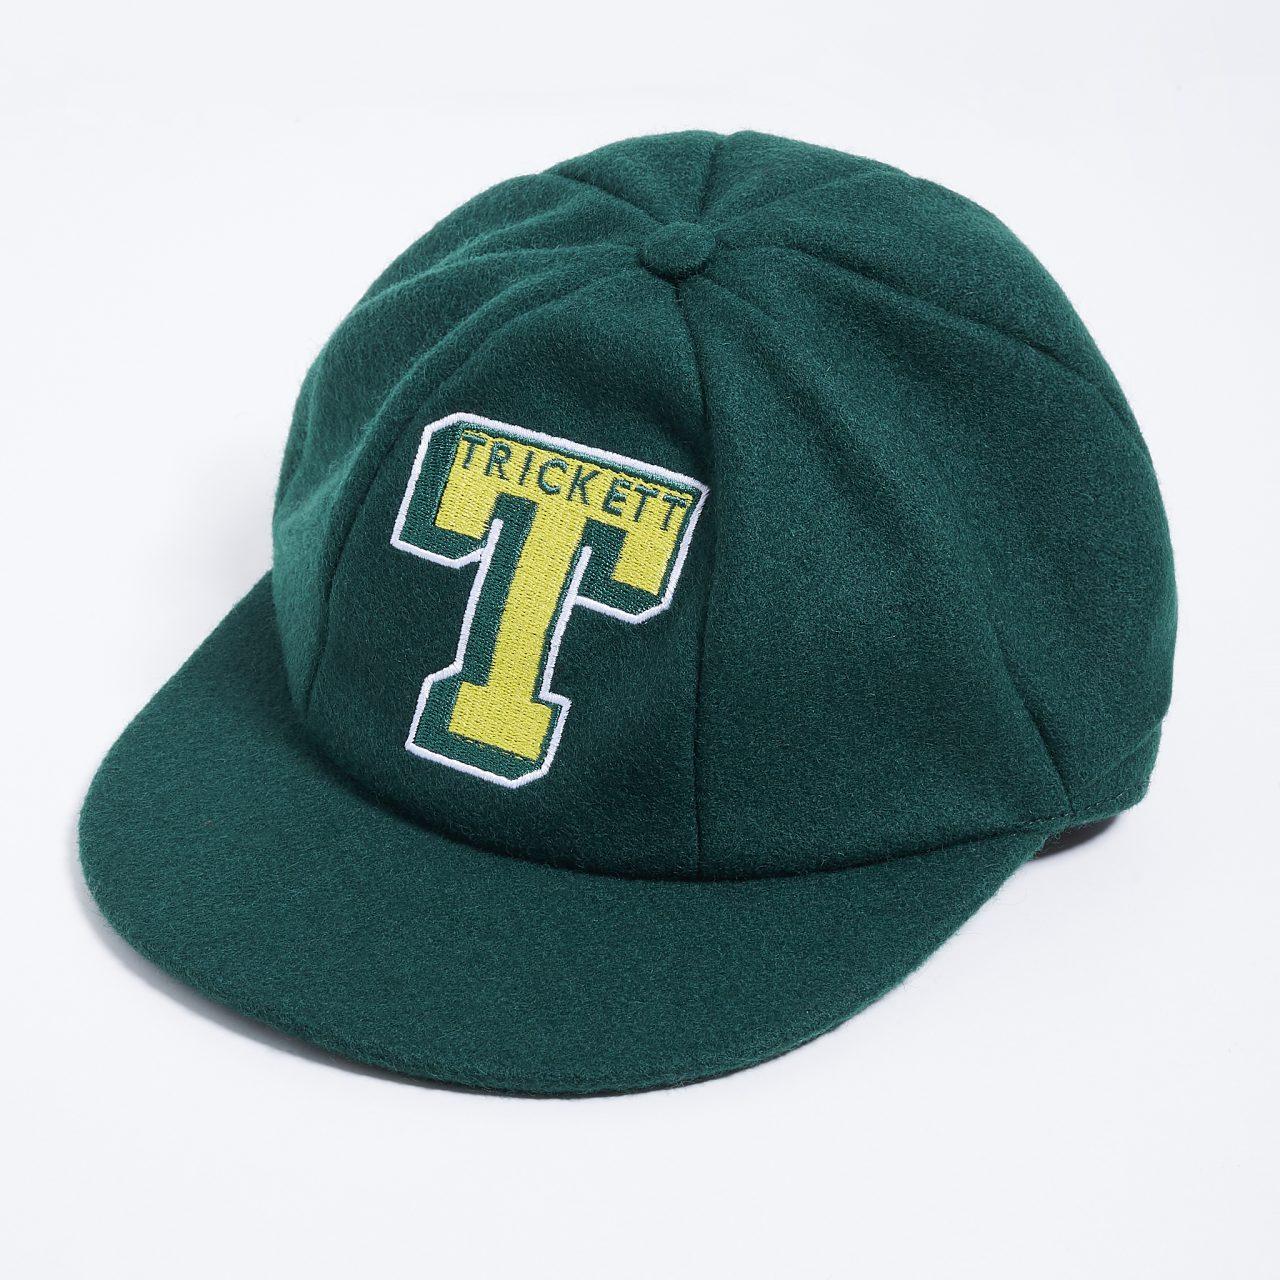 CRiCKETT Cap – Green